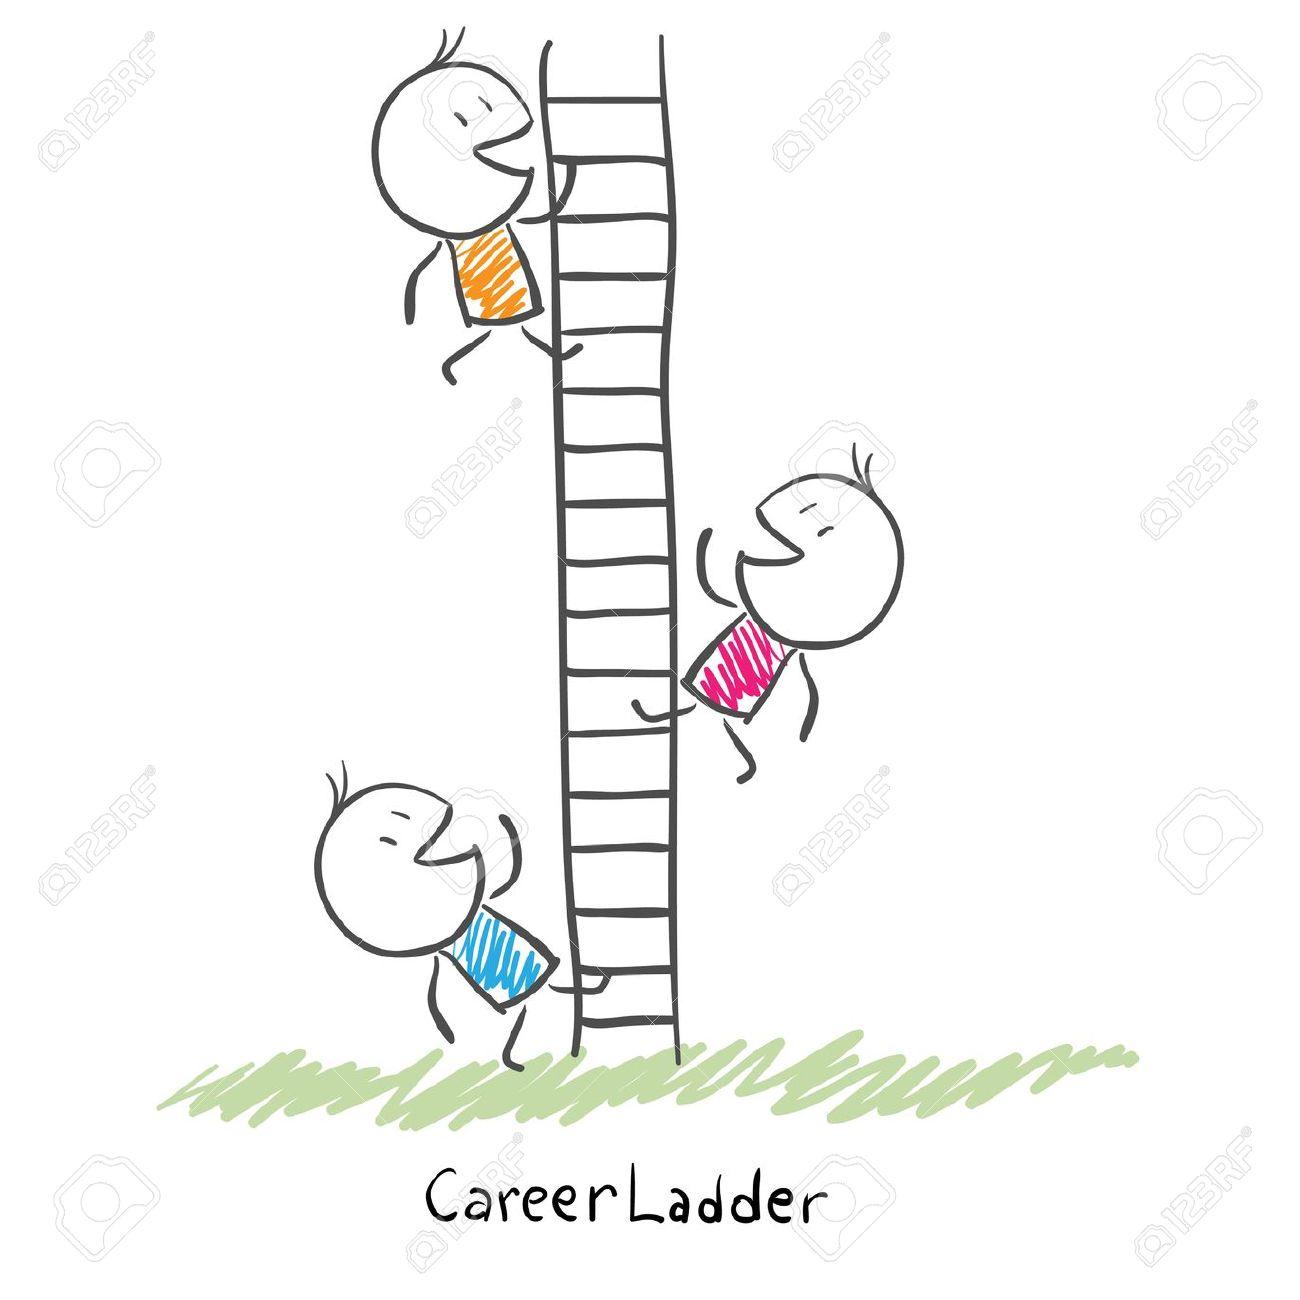 Career Ladder Clipart